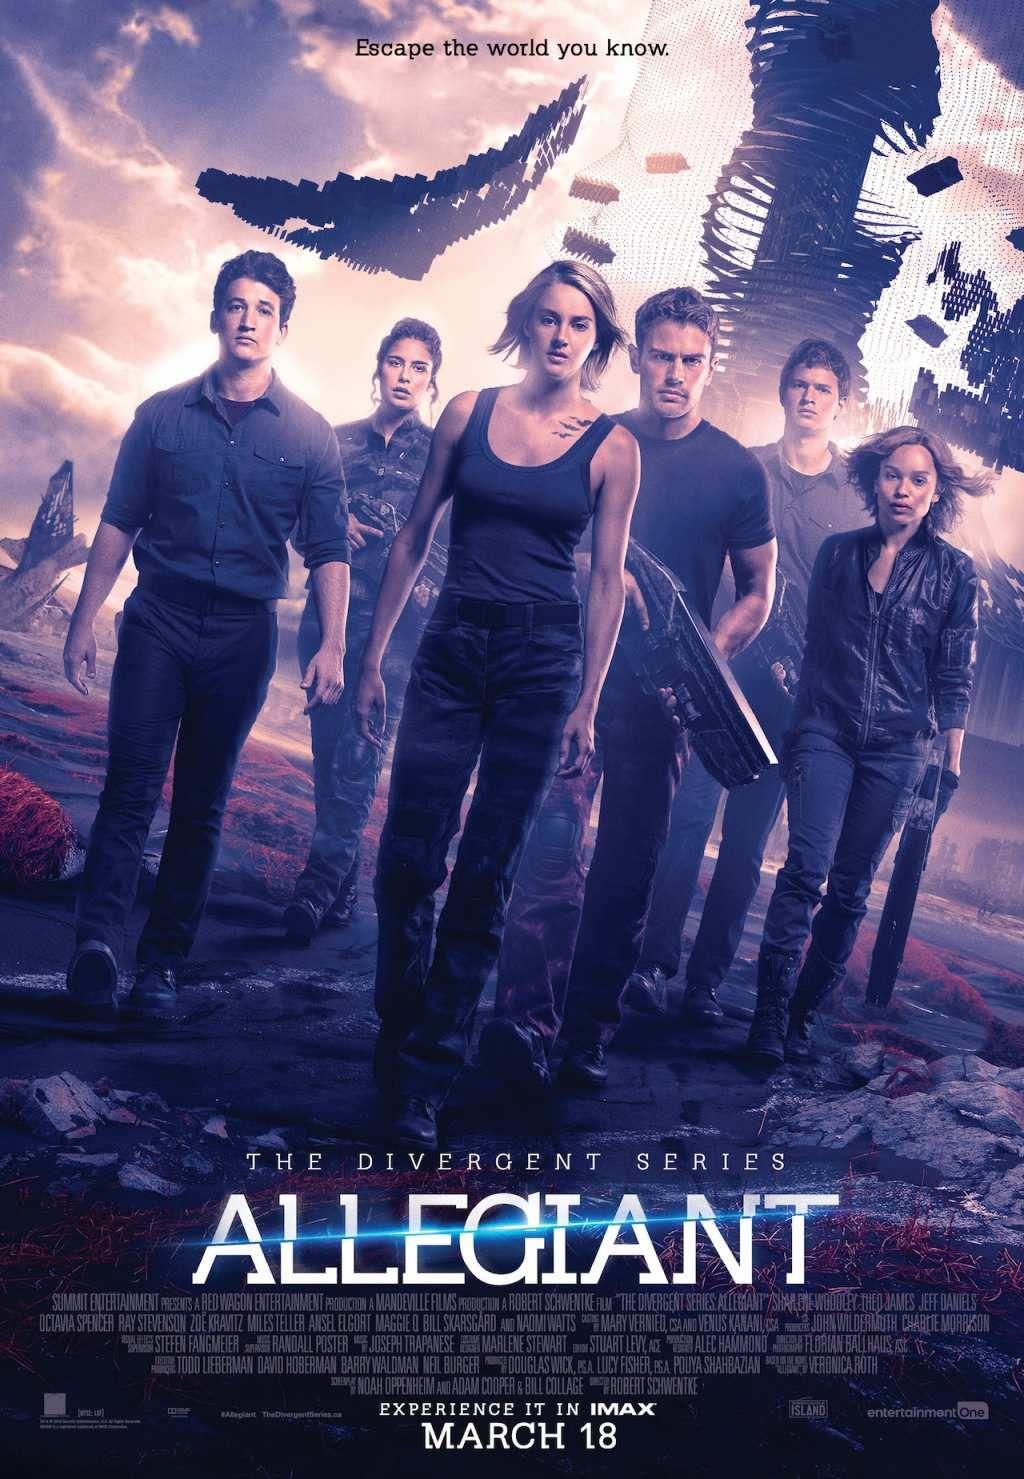 The Divergent Series Allegiant Filmi Türkçe Dublaj İzle ...